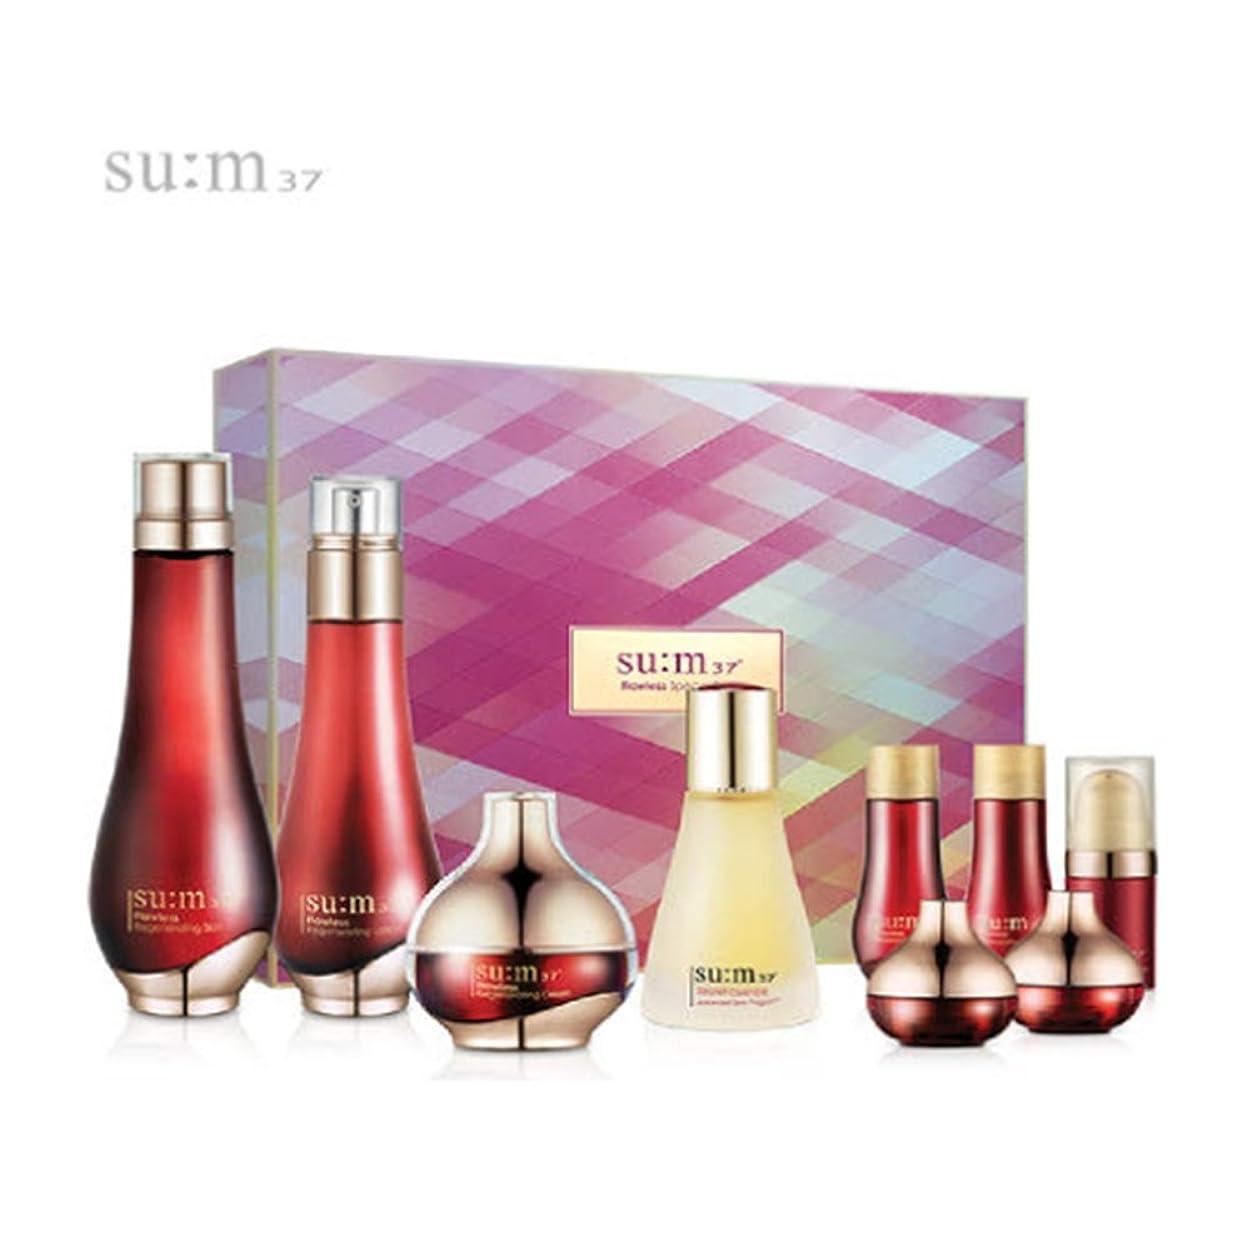 男らしさブレイズ告白する[su:m37/スム37°]Flawless 3pcs Special Limited Skincare Set/フローレス3種のスキンケアセット + [Sample Gift](海外直送品)